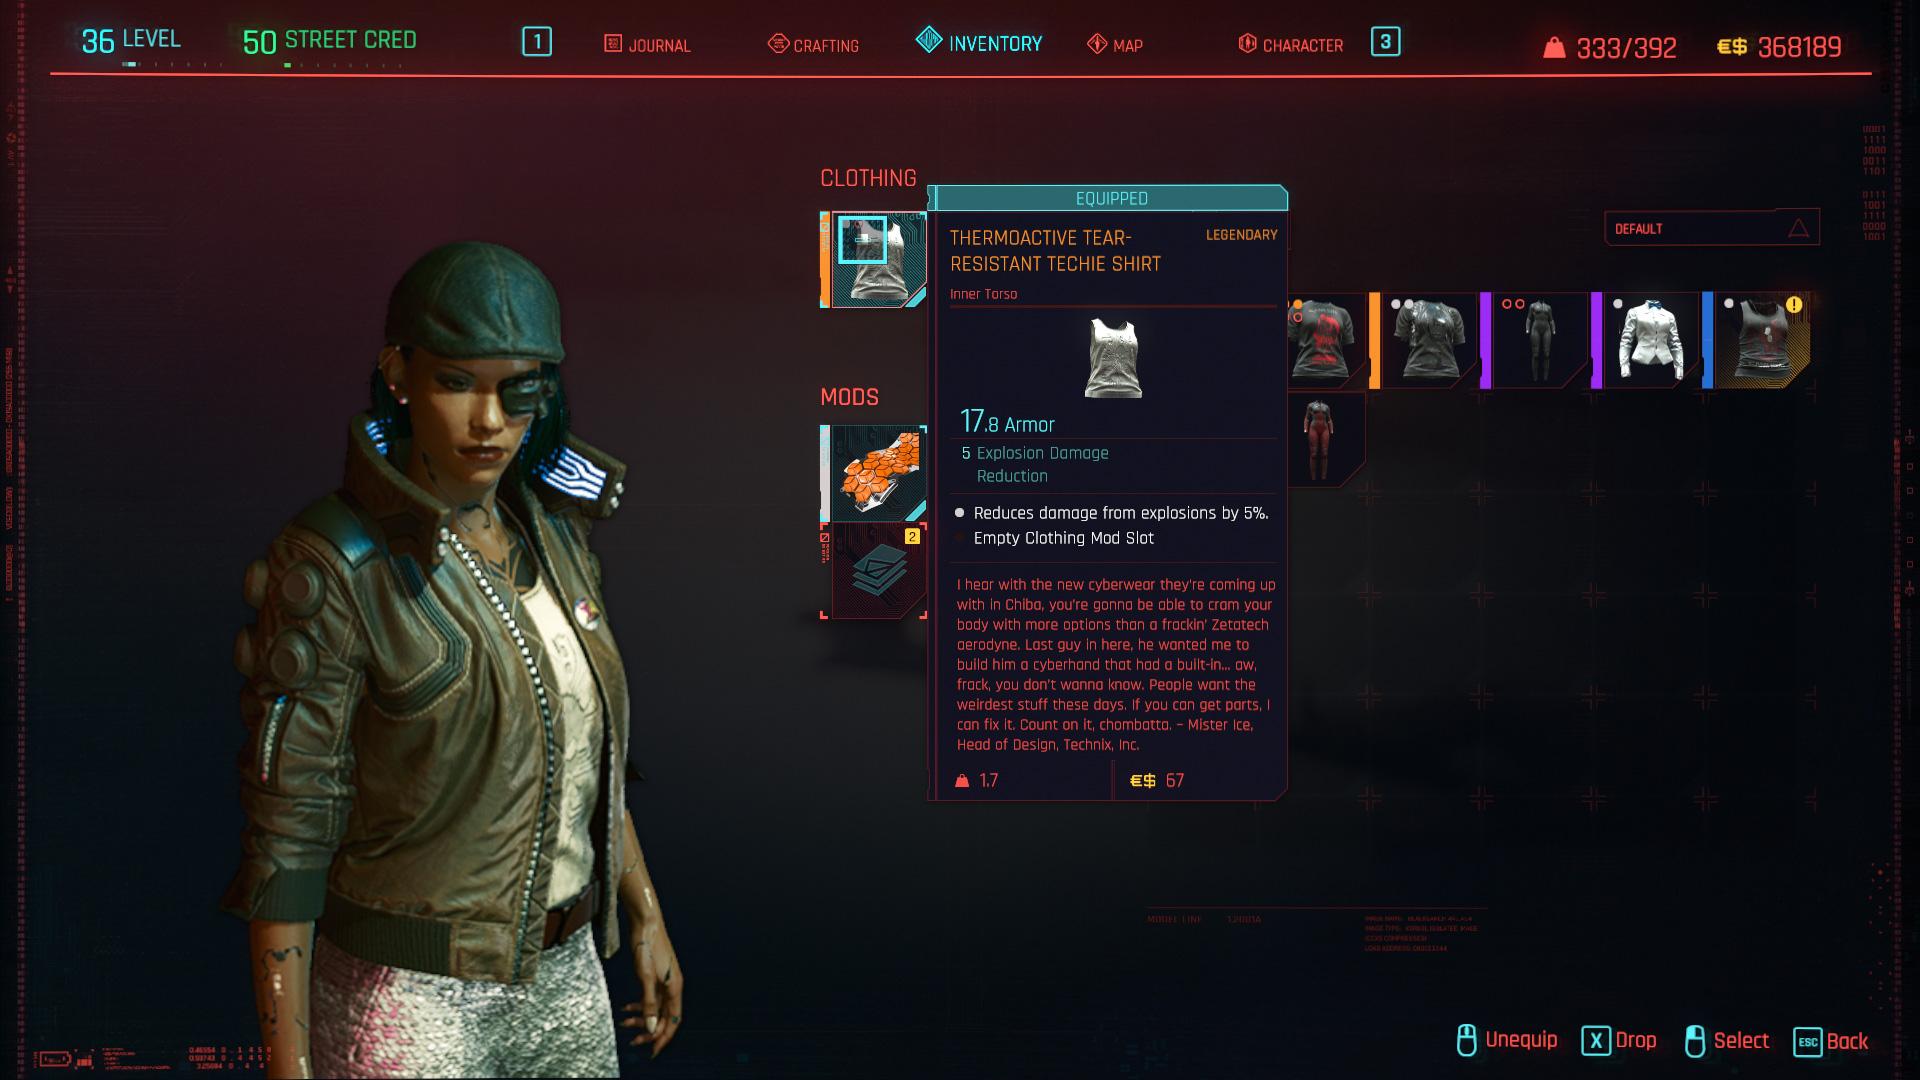 Tous les vêtements légendaires et emblématiques de Cyberpunk 2077 - Chemise techno thermoactive résistante aux déchirures